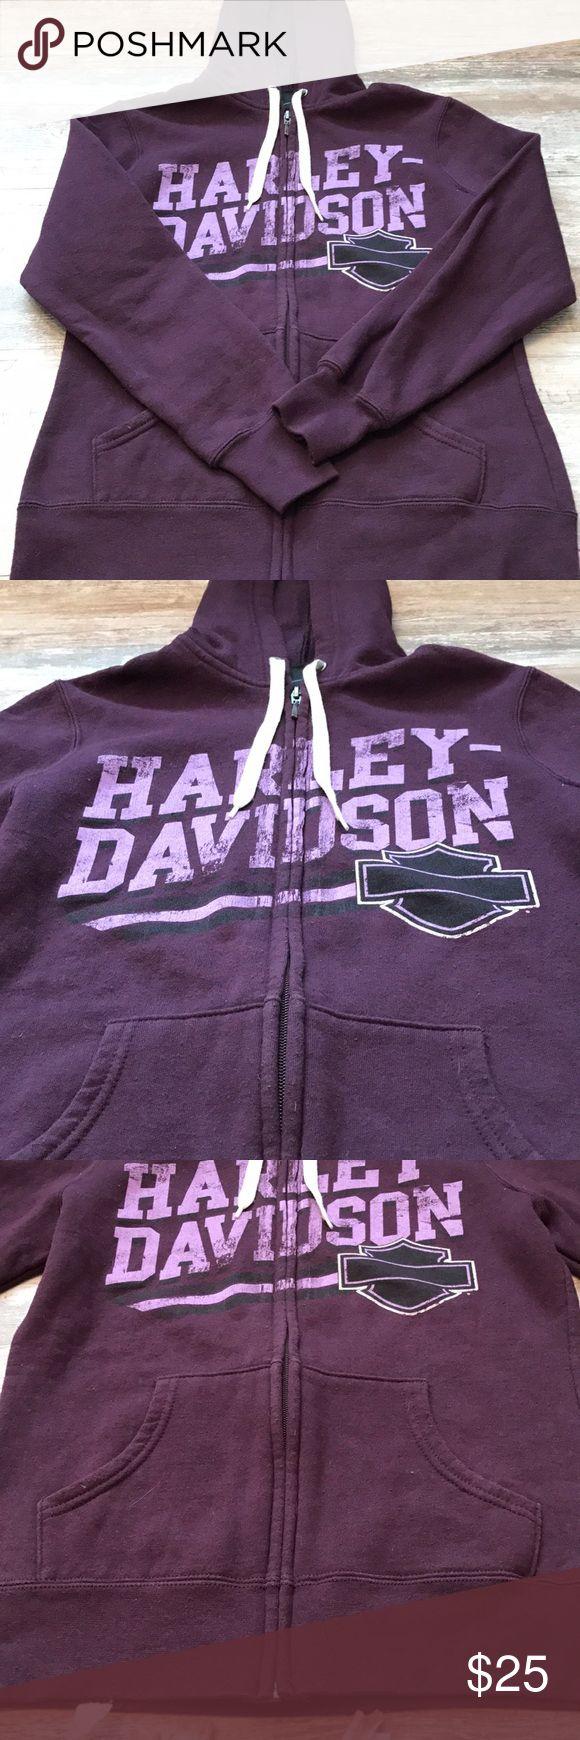 Harley-Davidson women's XS zip up hoodie Harley Davidson women's size XS purple  Virginia Beach Harley Davidson on back  Long sleeve- hoodie  Length:23 in Armpit to armpit: 17in Harley-Davidson Jackets & Coats